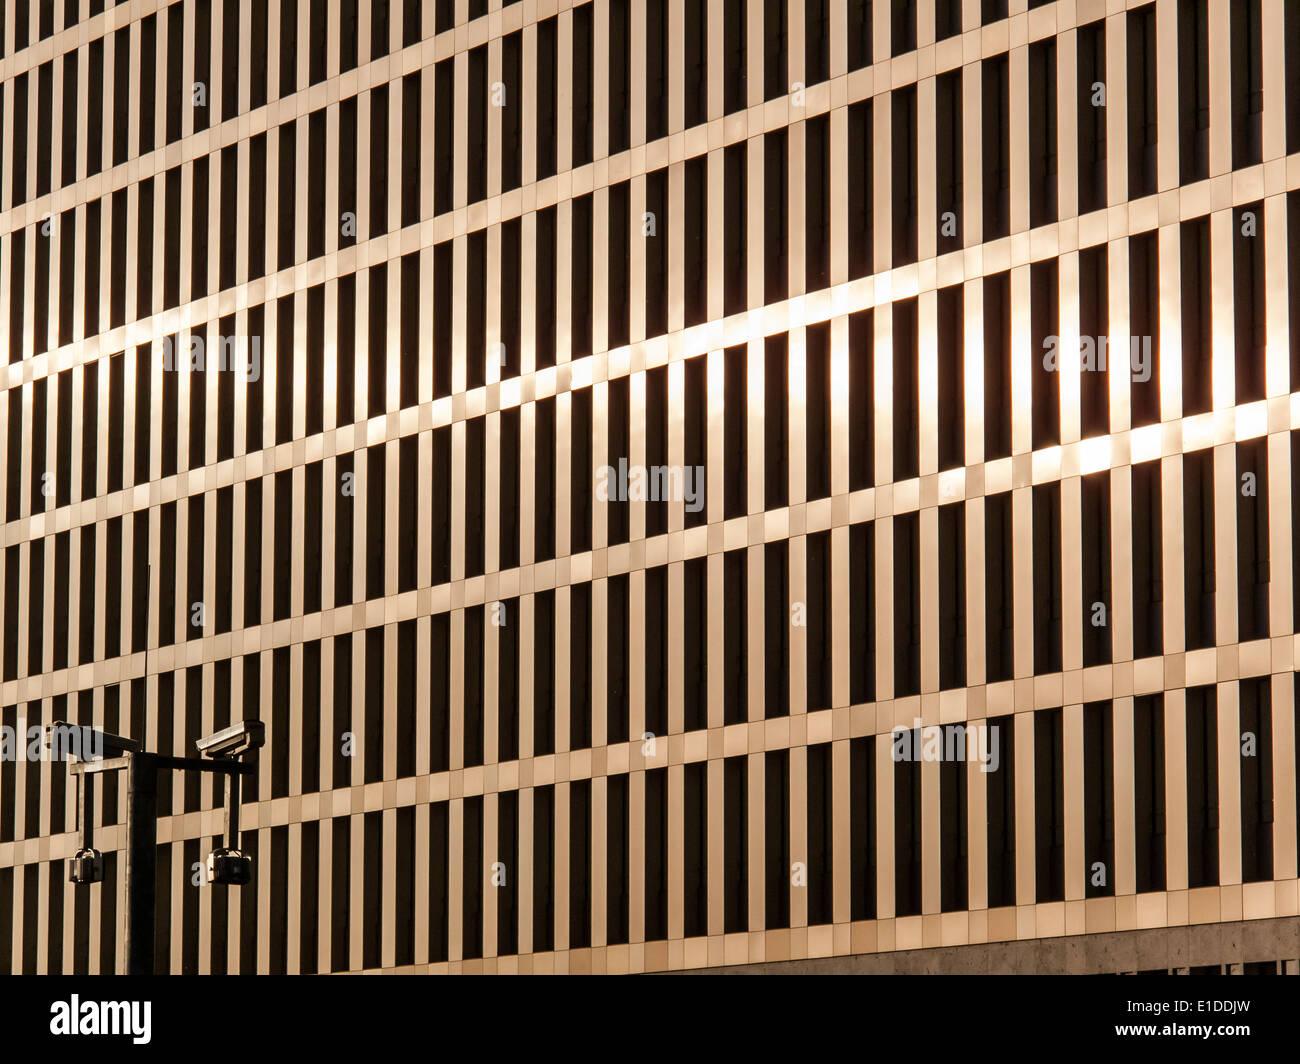 Nueva sede de la BND, el Servicio Federal de Inteligencia de Alemania en Berlín, en condiciones de poca luz. Imagen De Stock